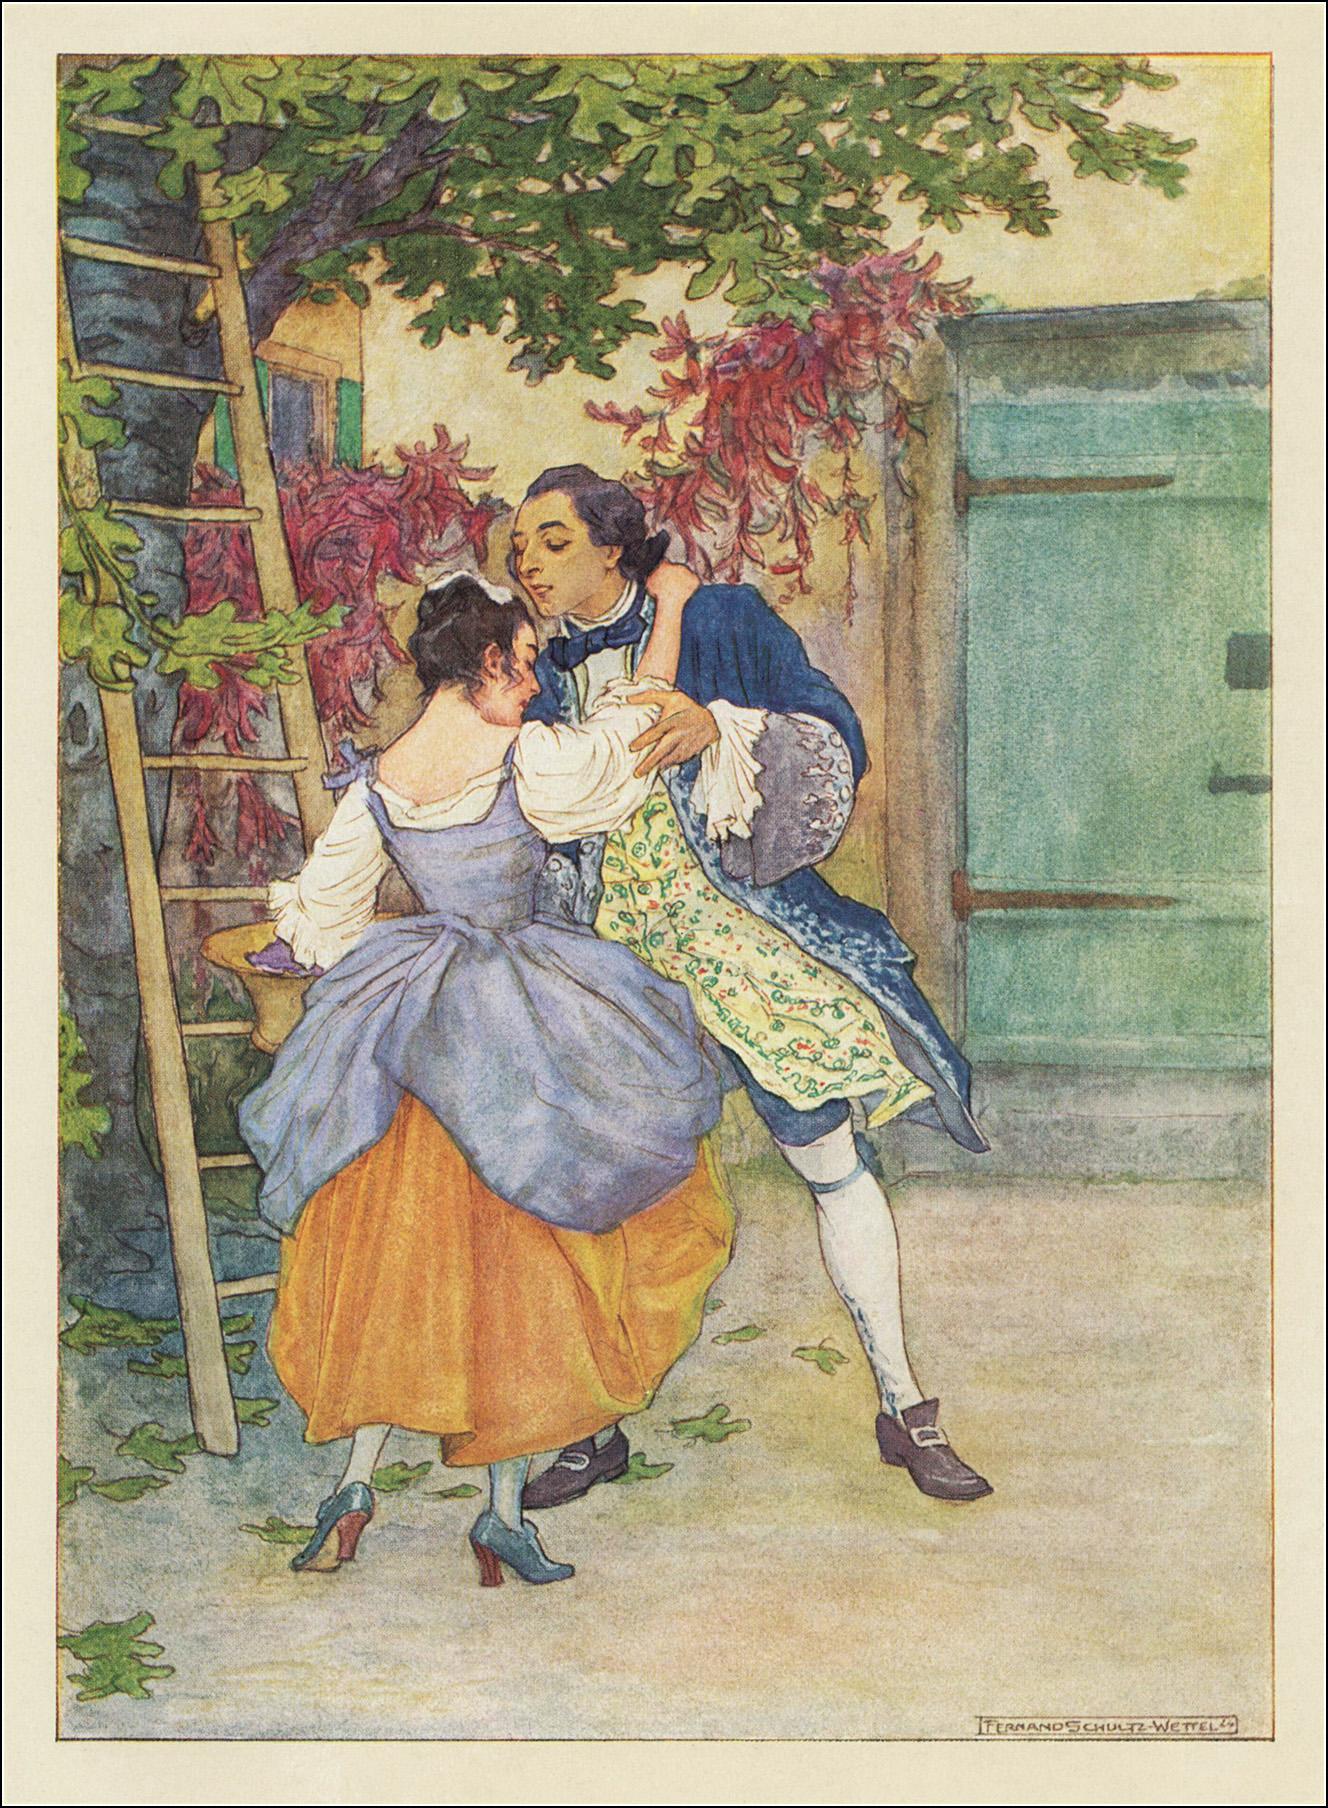 Fernand Schulz Wettel, Casanova